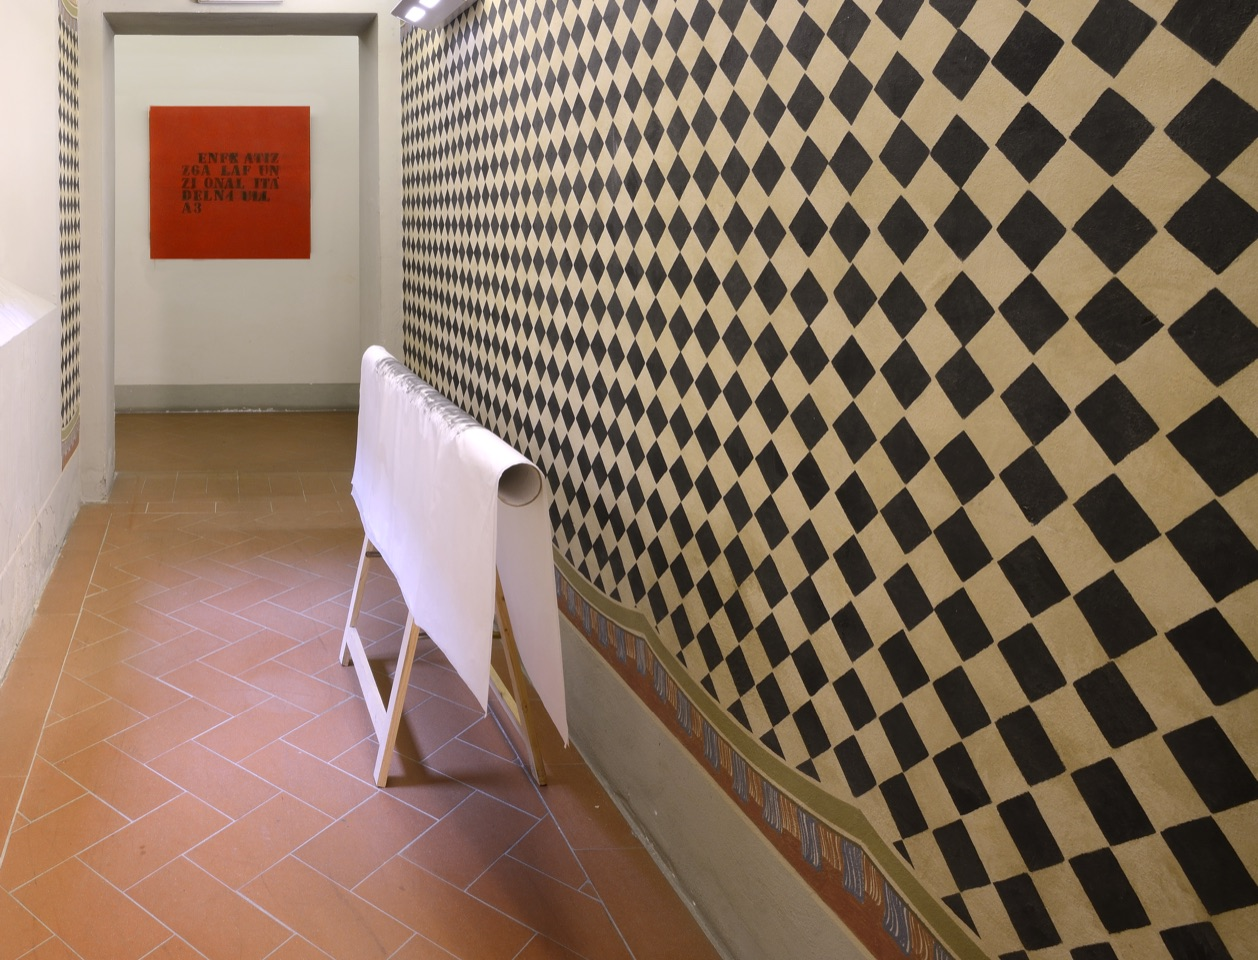 H.H. Lim. Percorso circolare. Exhibition view at Chini Contemporary, Borgo San Lorenzo 2021